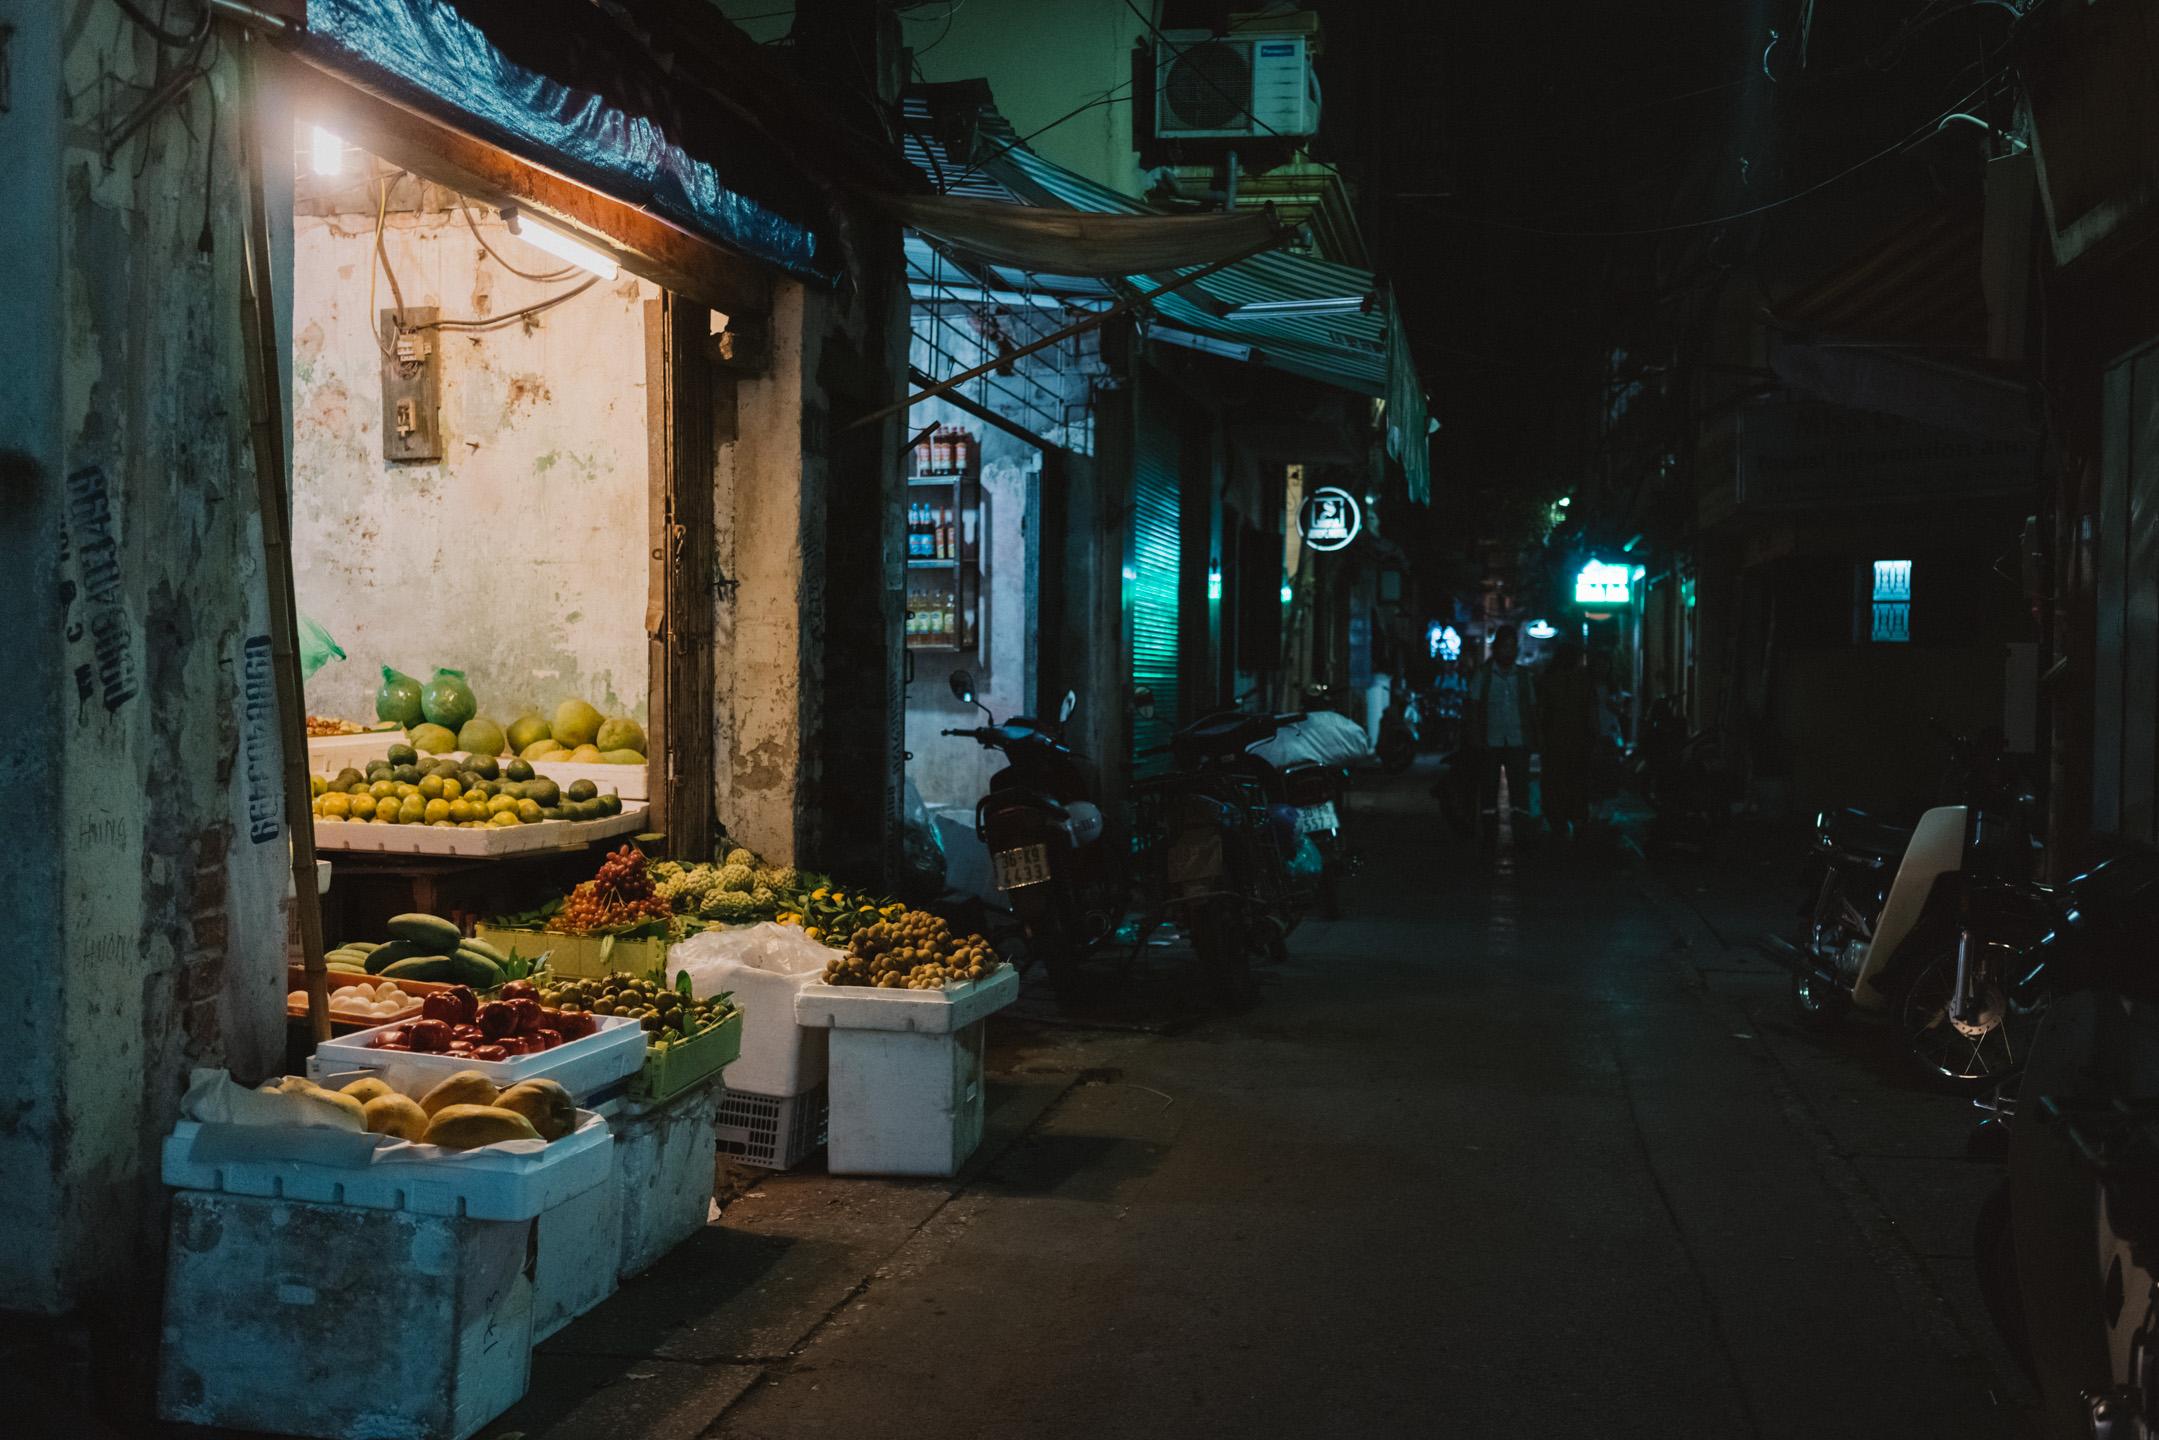 Dark street in Hanoi